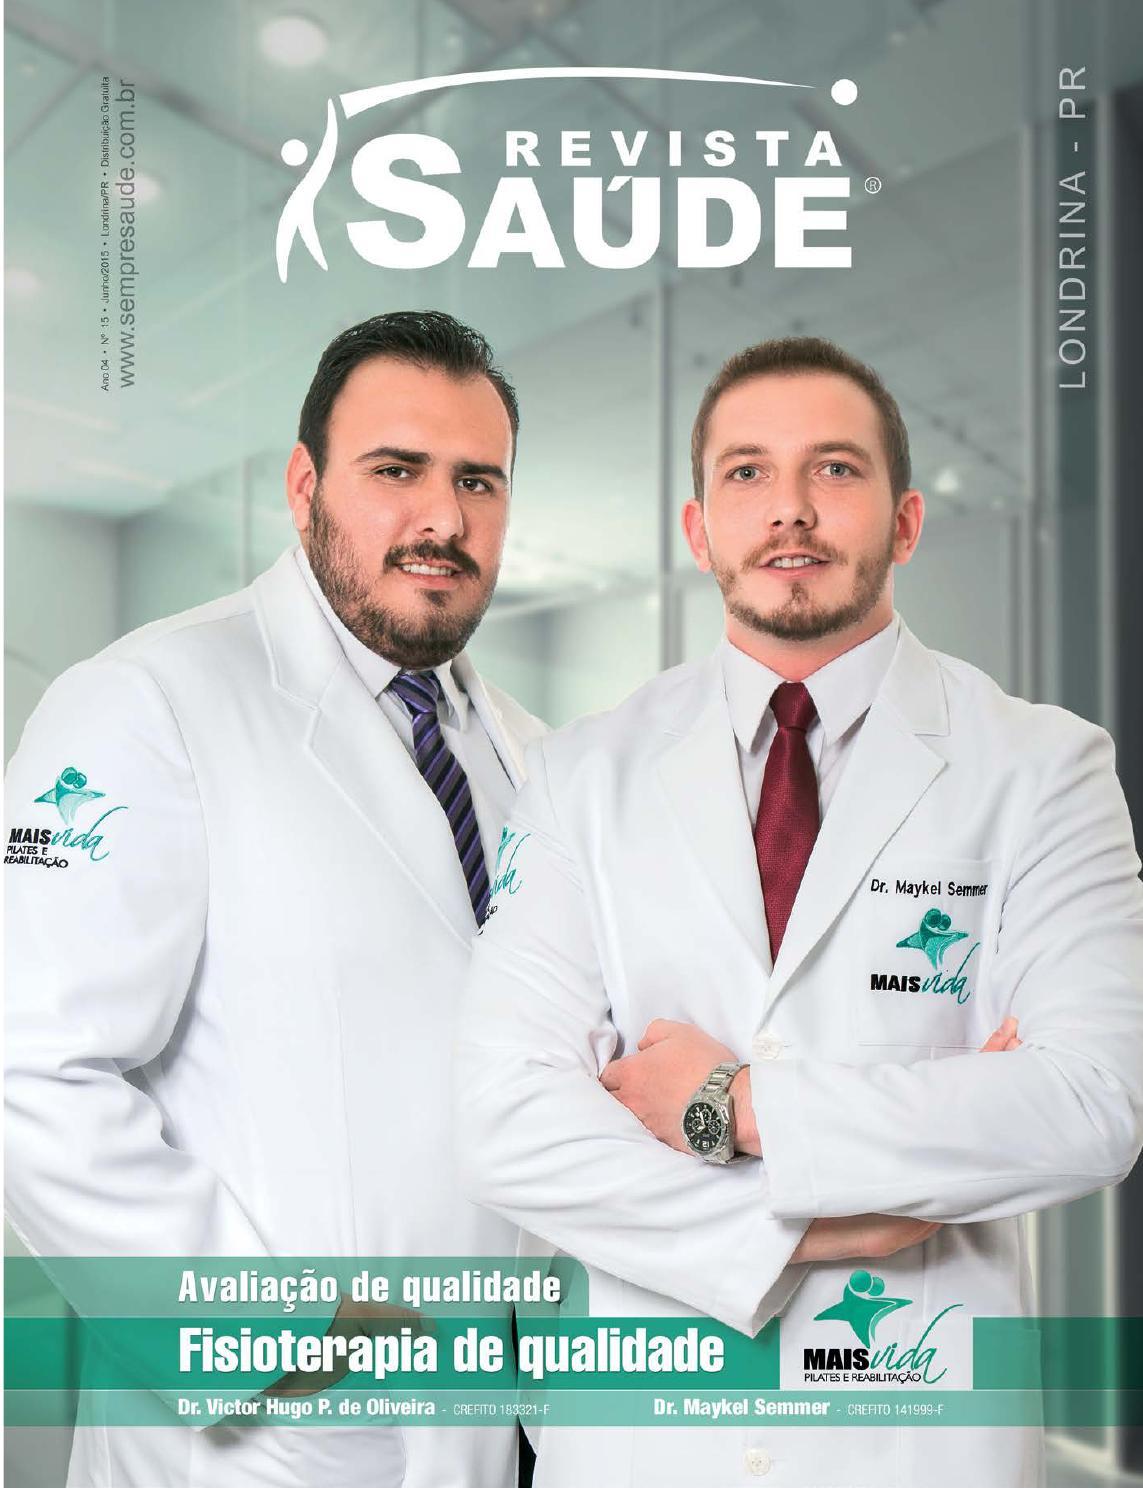 Revista Saúde Londrina PR - Edição 15 - 06 2015 by Revista Saúde - issuu 98709d7217